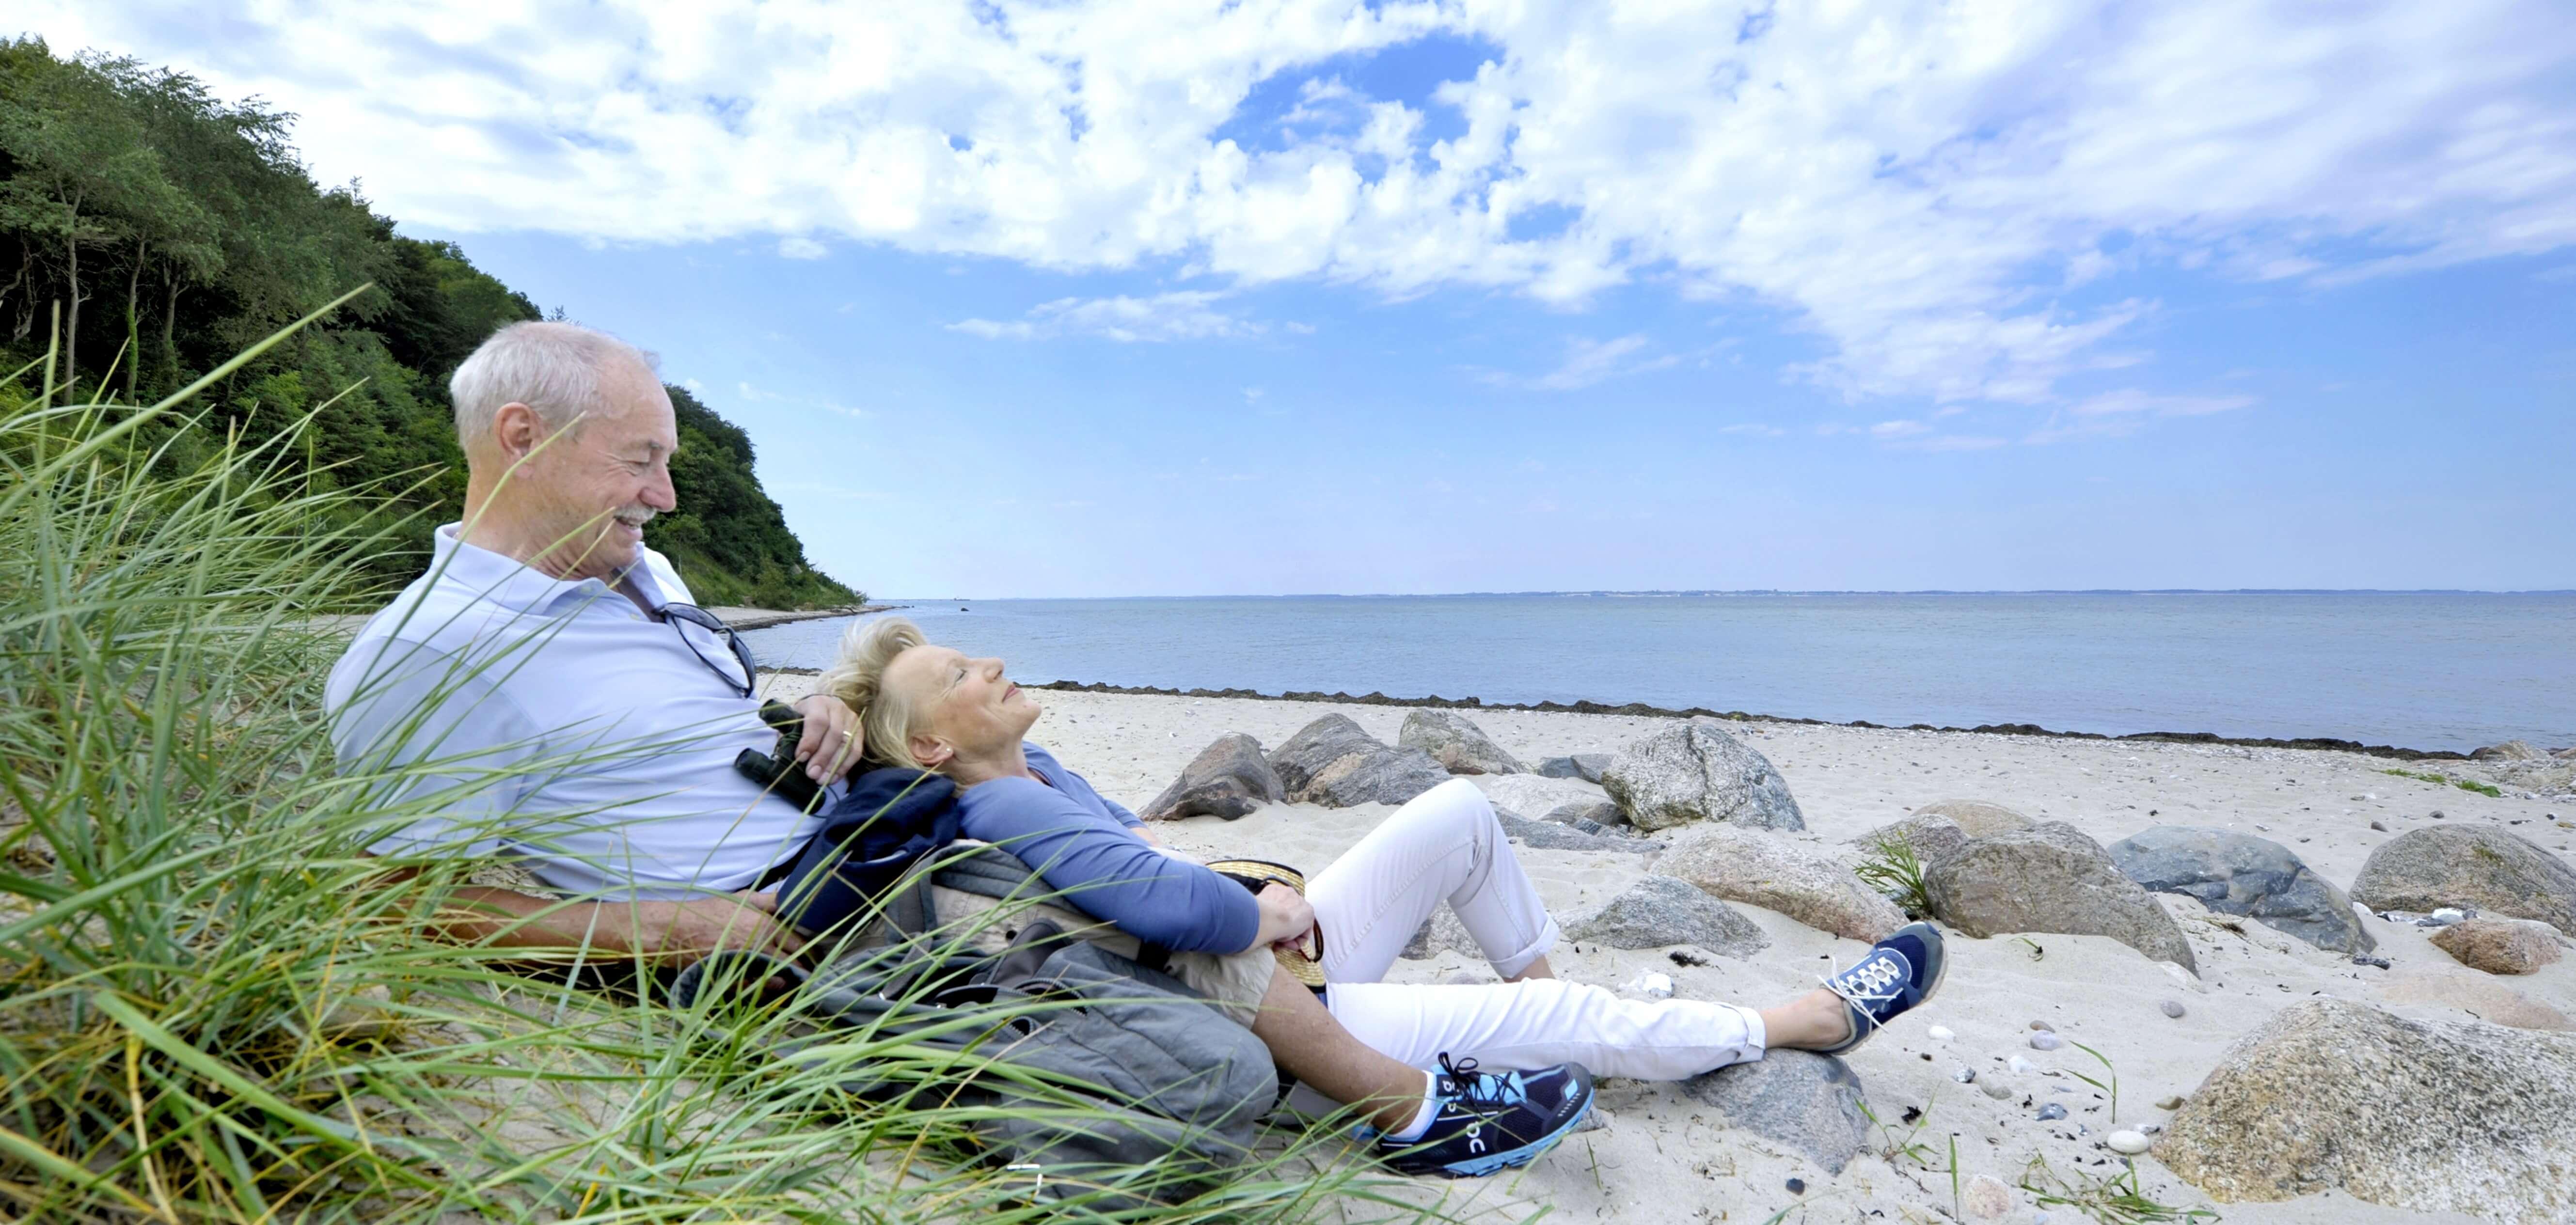 Von Strande nach Eckernförde an der Ostsee